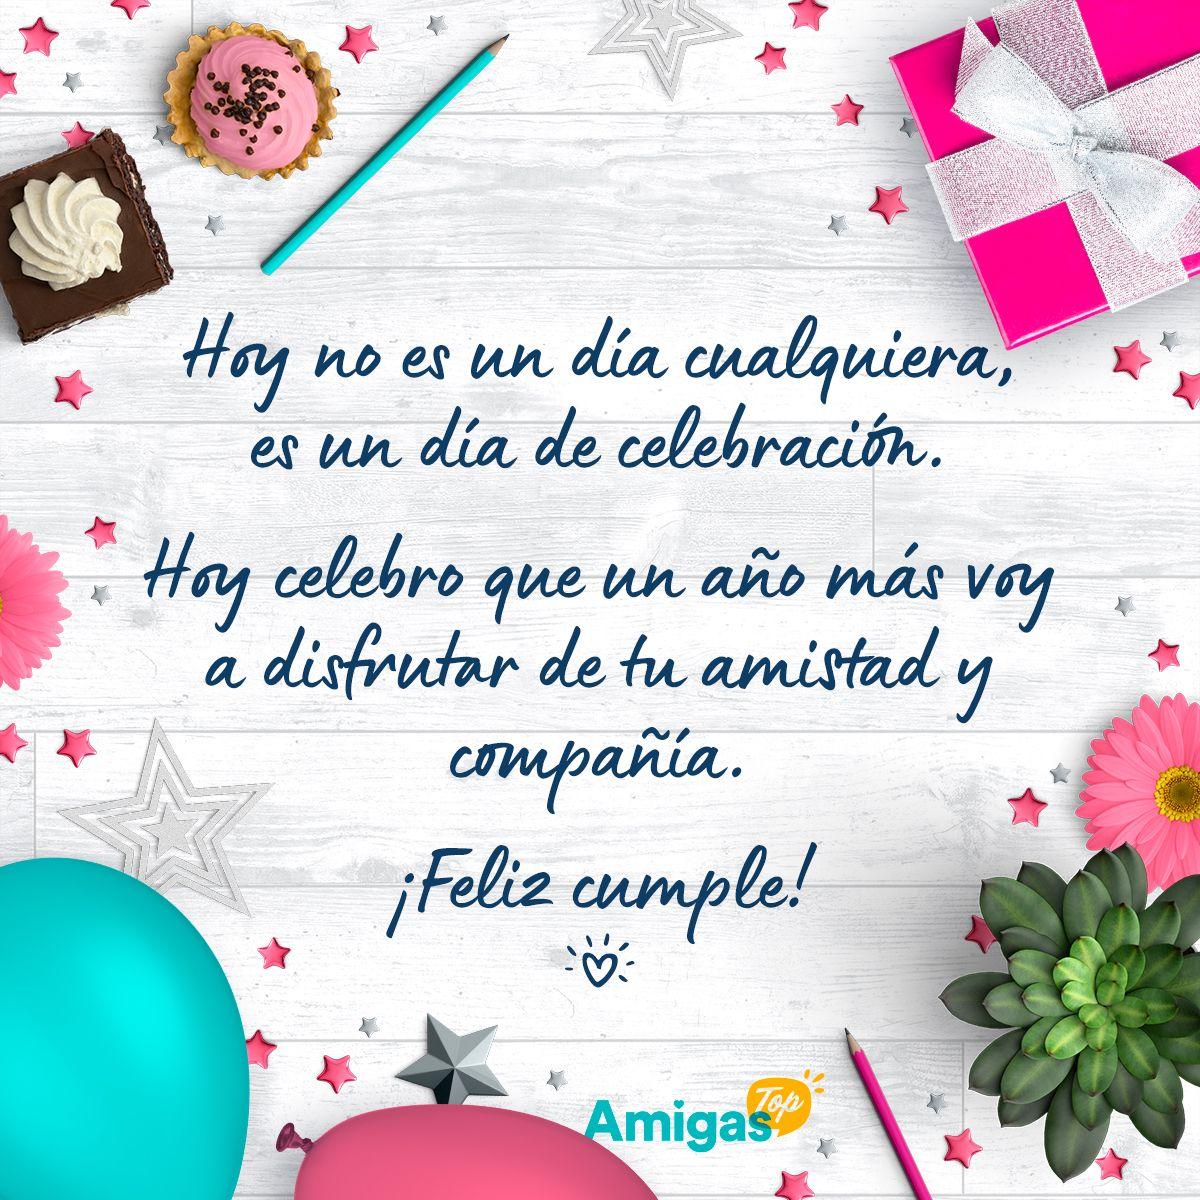 How to Say Happy Birthday in Spanish Mensaje de cumpleaños bonito para una amiga en 2020 | Mensaje de feliz  cumpleaños, Mensaje de cumpleaños amiga, Feliz cumpleaños amigo especial